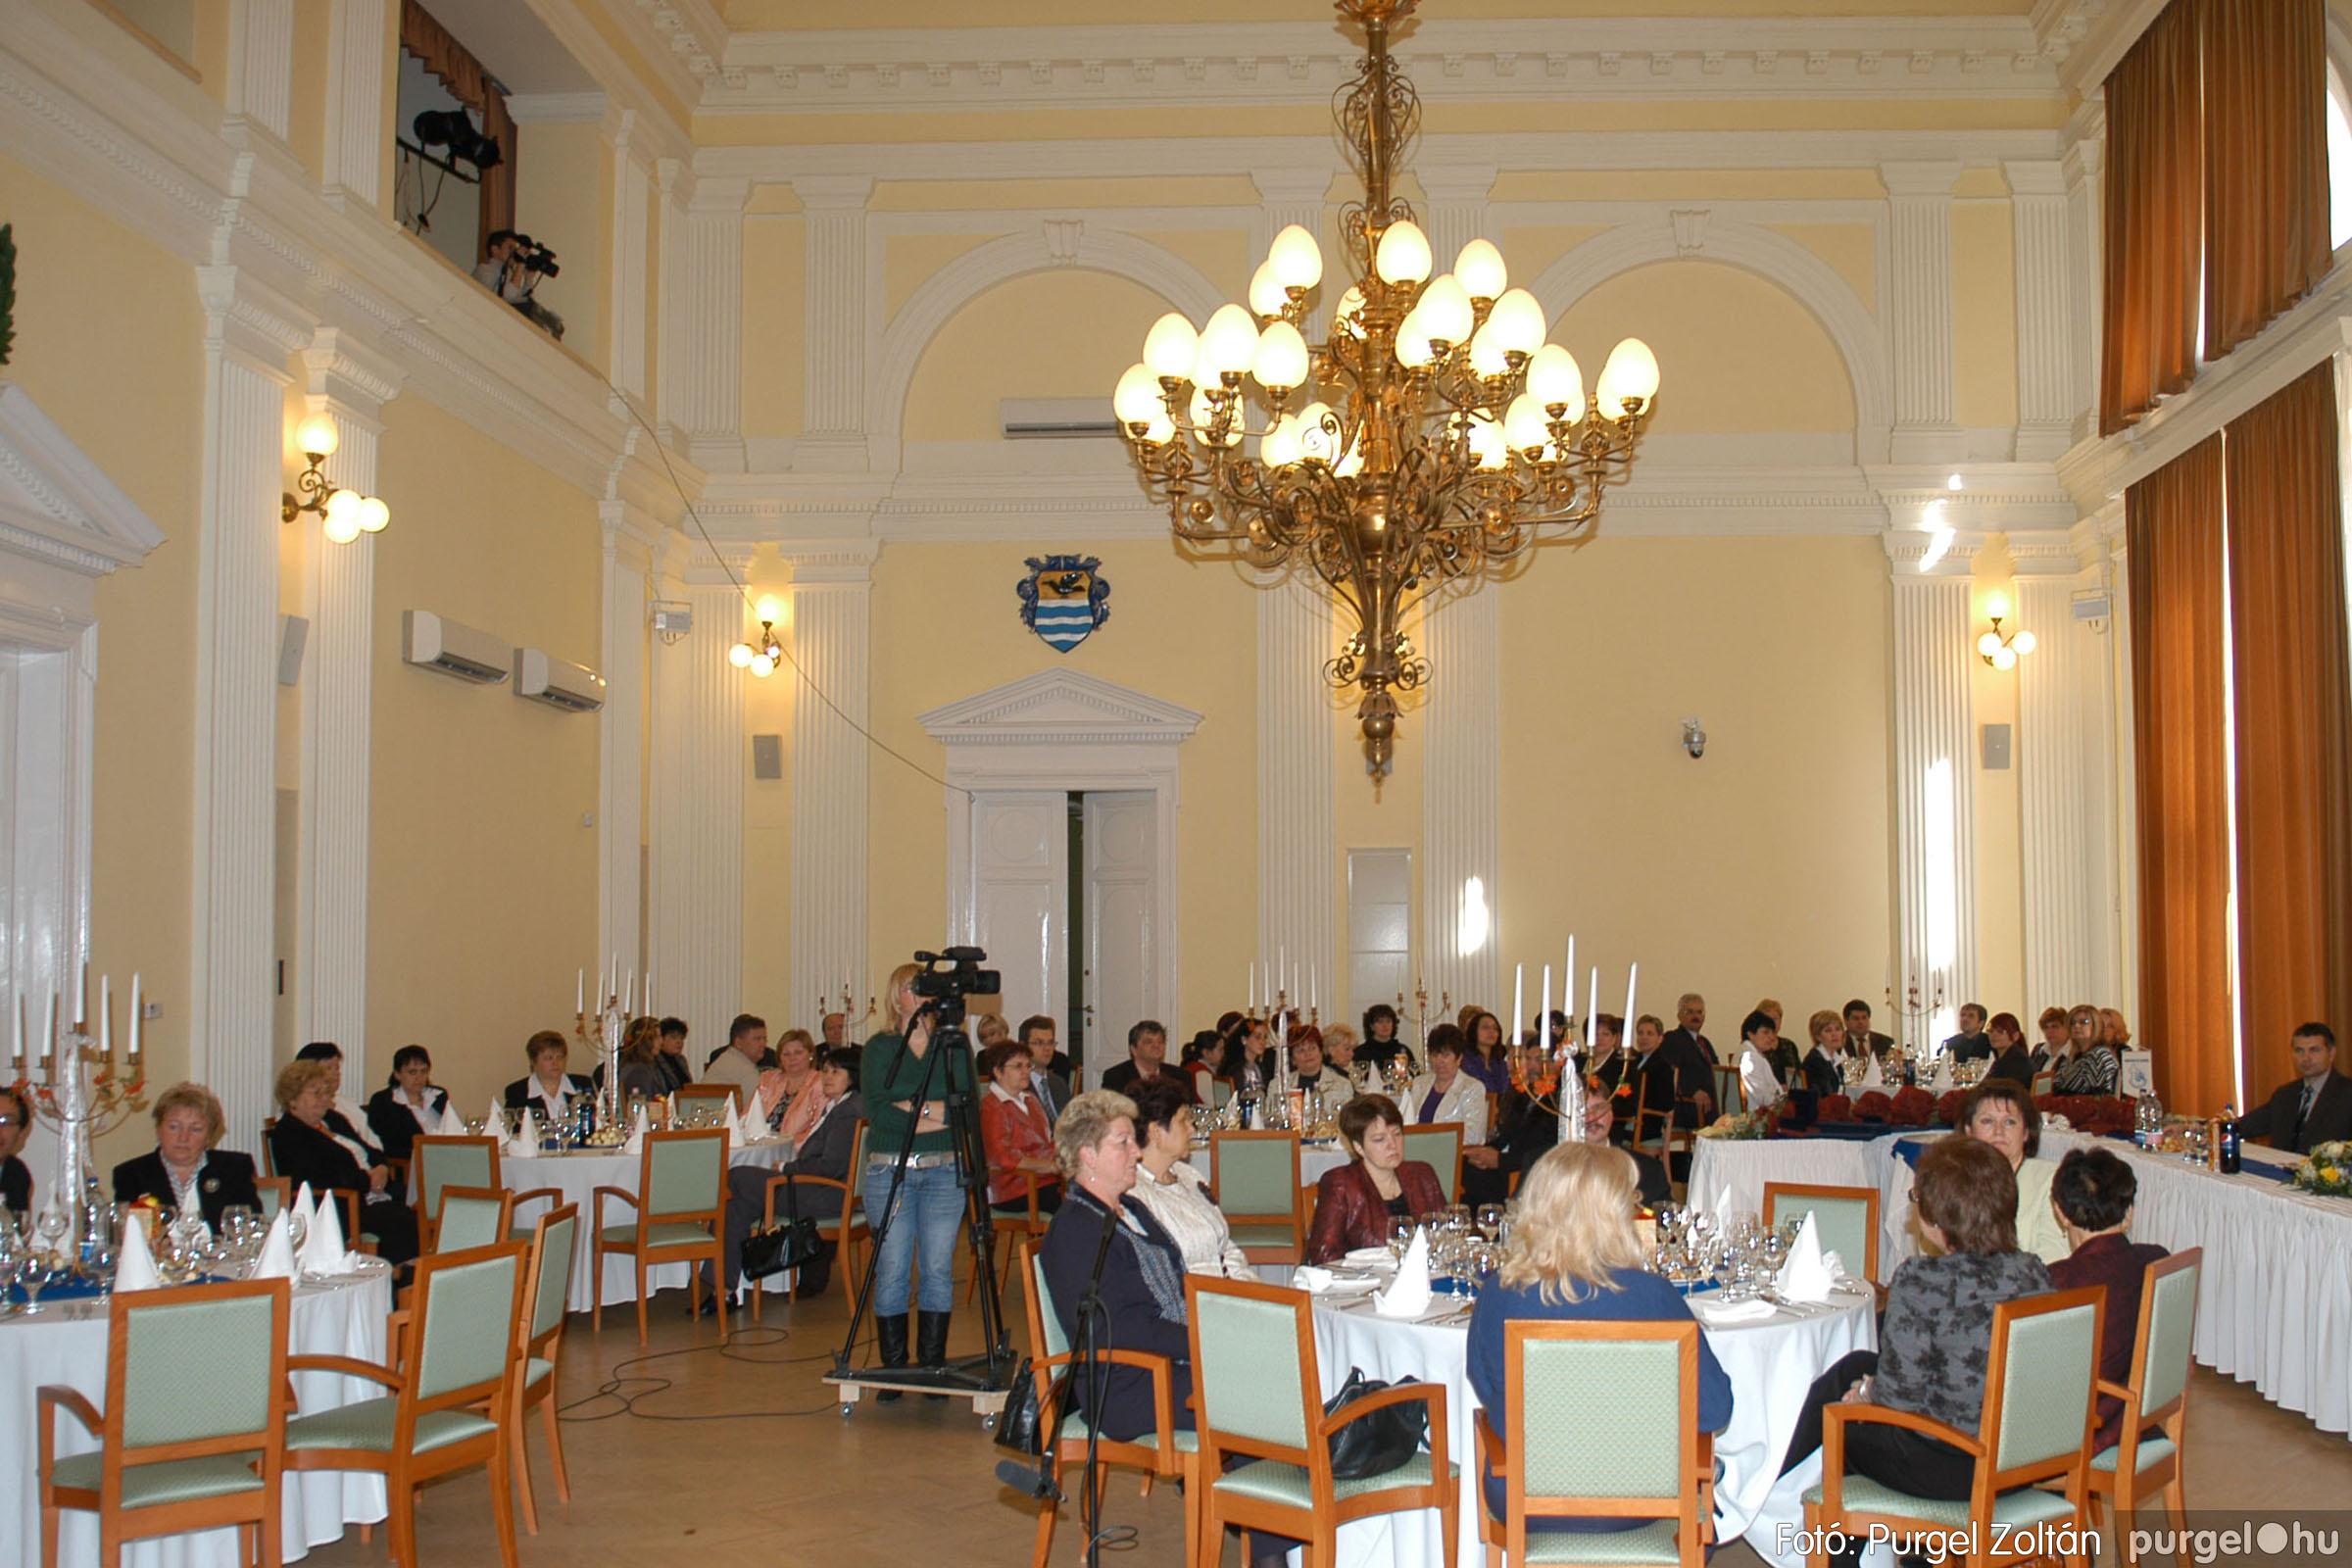 2010.10.28. 028 Szegvár és Vidéke Takarékszövetkezet takarékossági világnap rendezvény - Fotó:P. Z..jpg